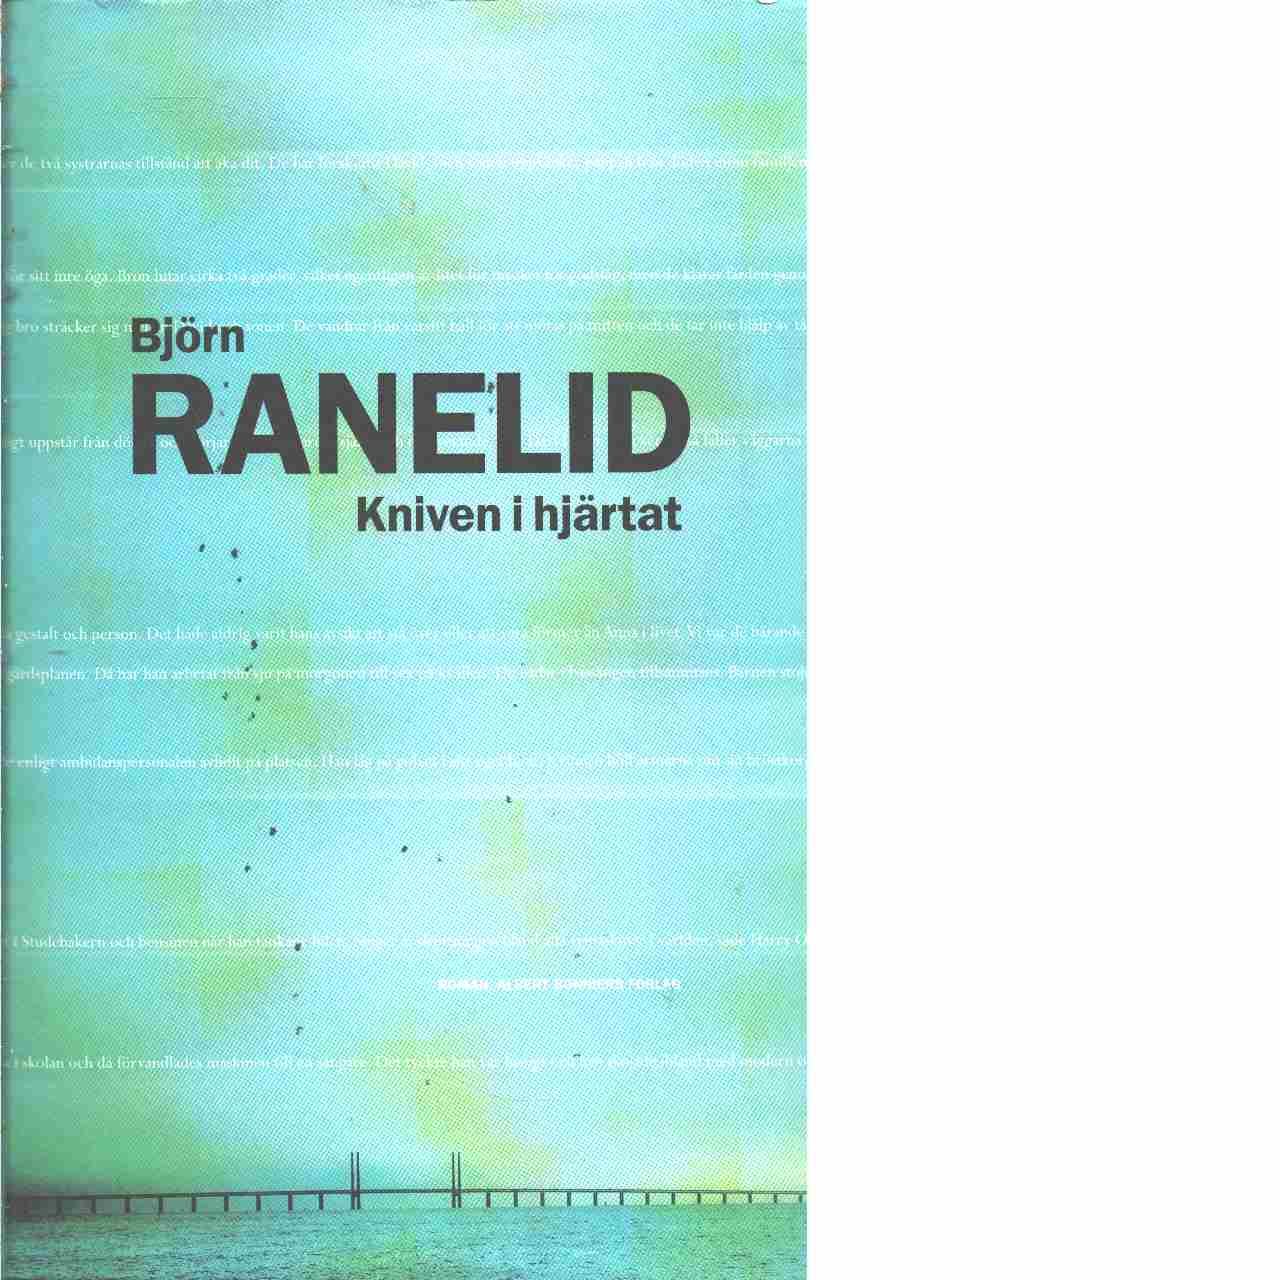 Kniven i hjärtat - Ranelid, Björn